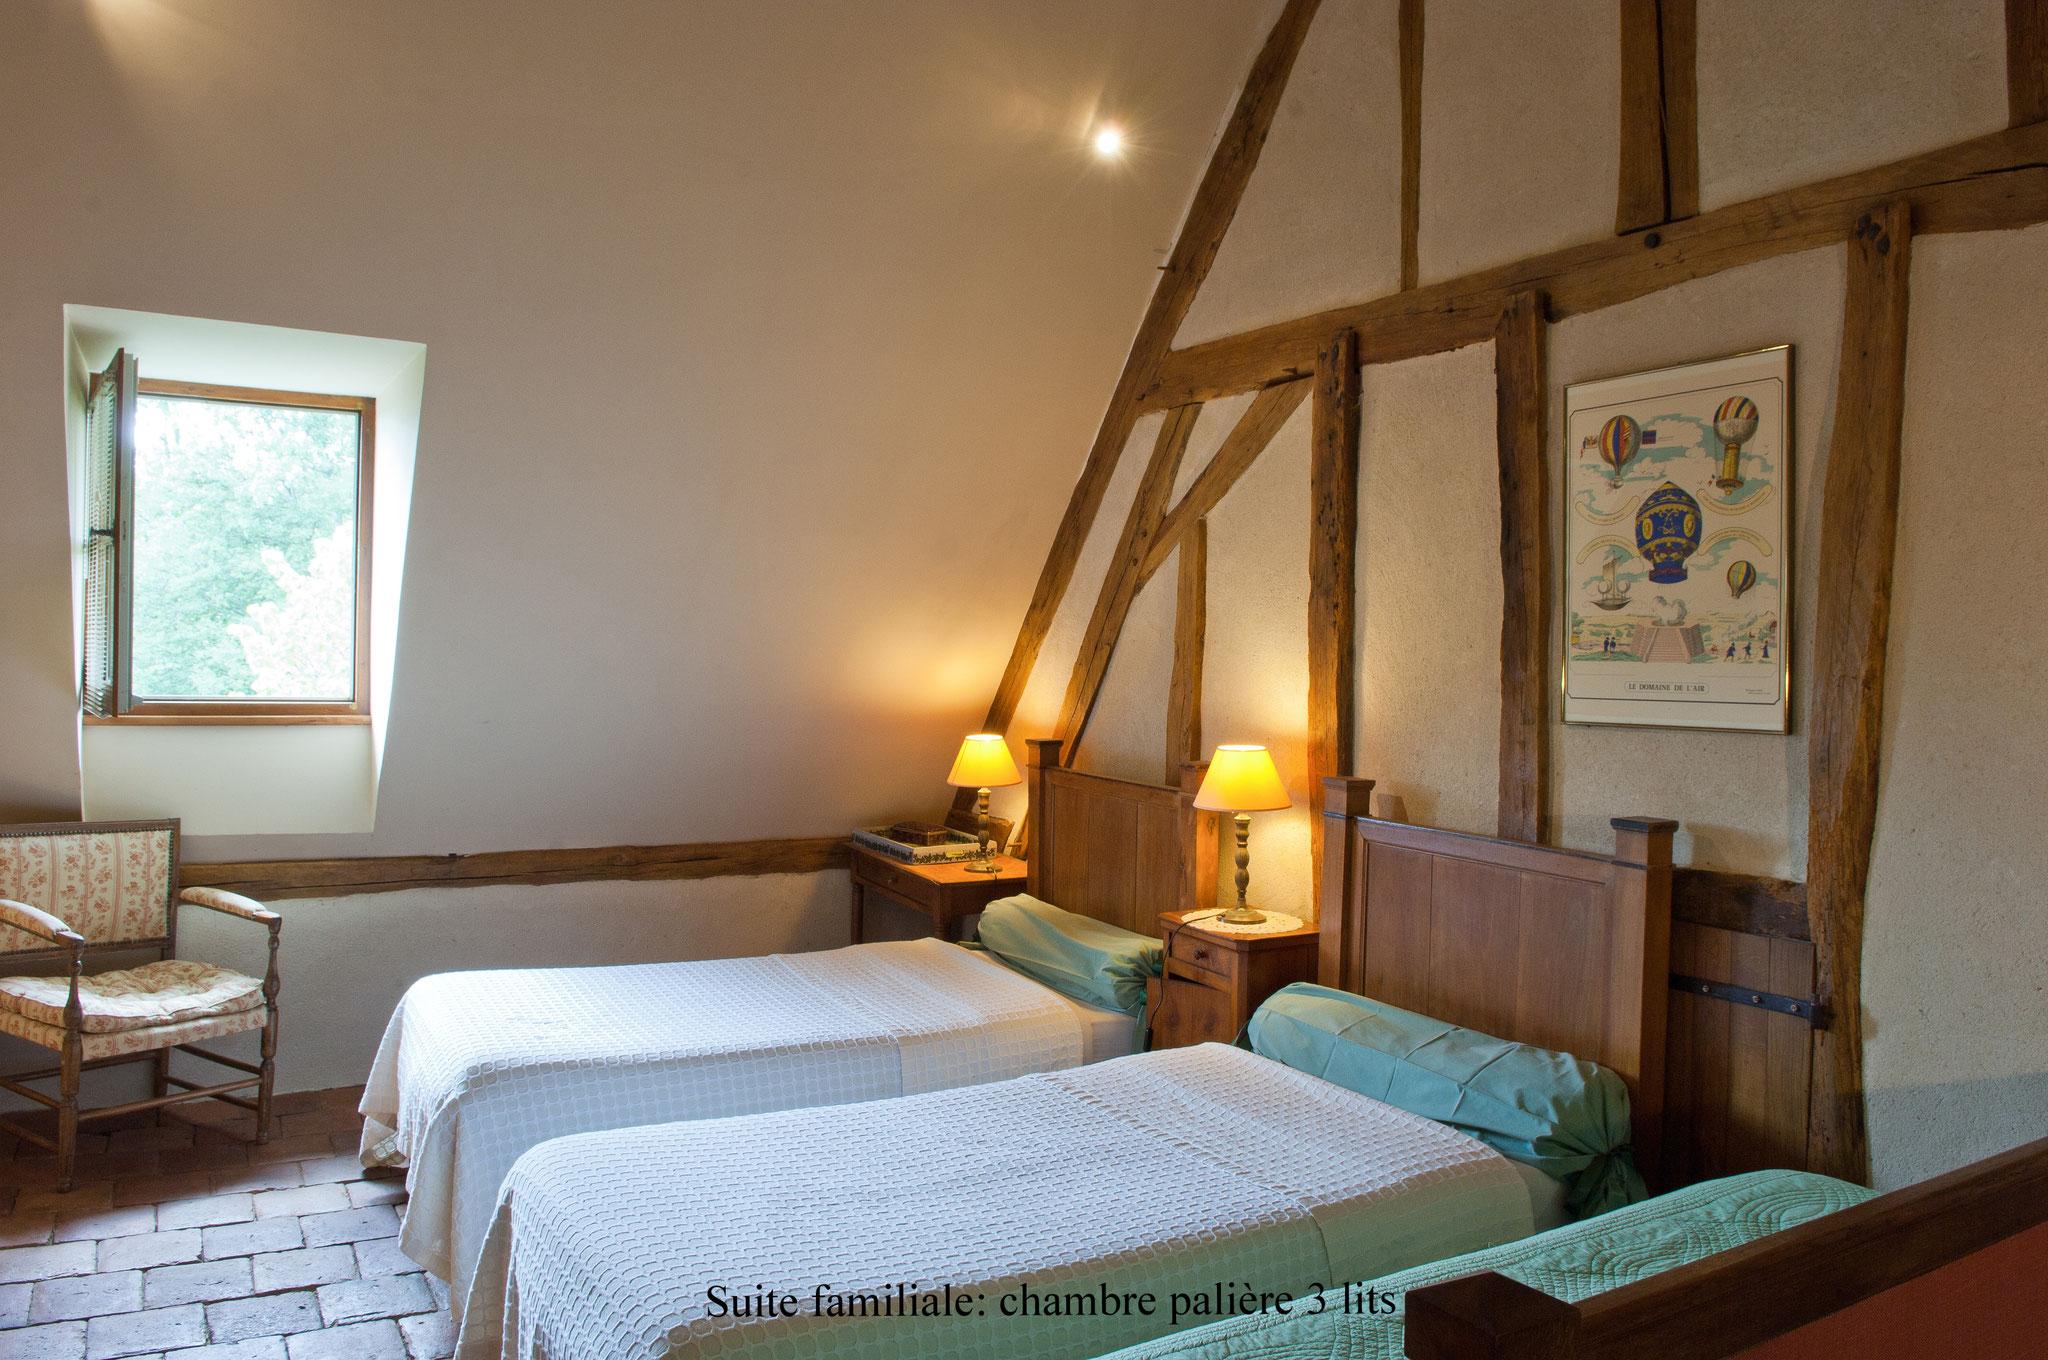 Chambre palière à 3 lits de l'Annexe